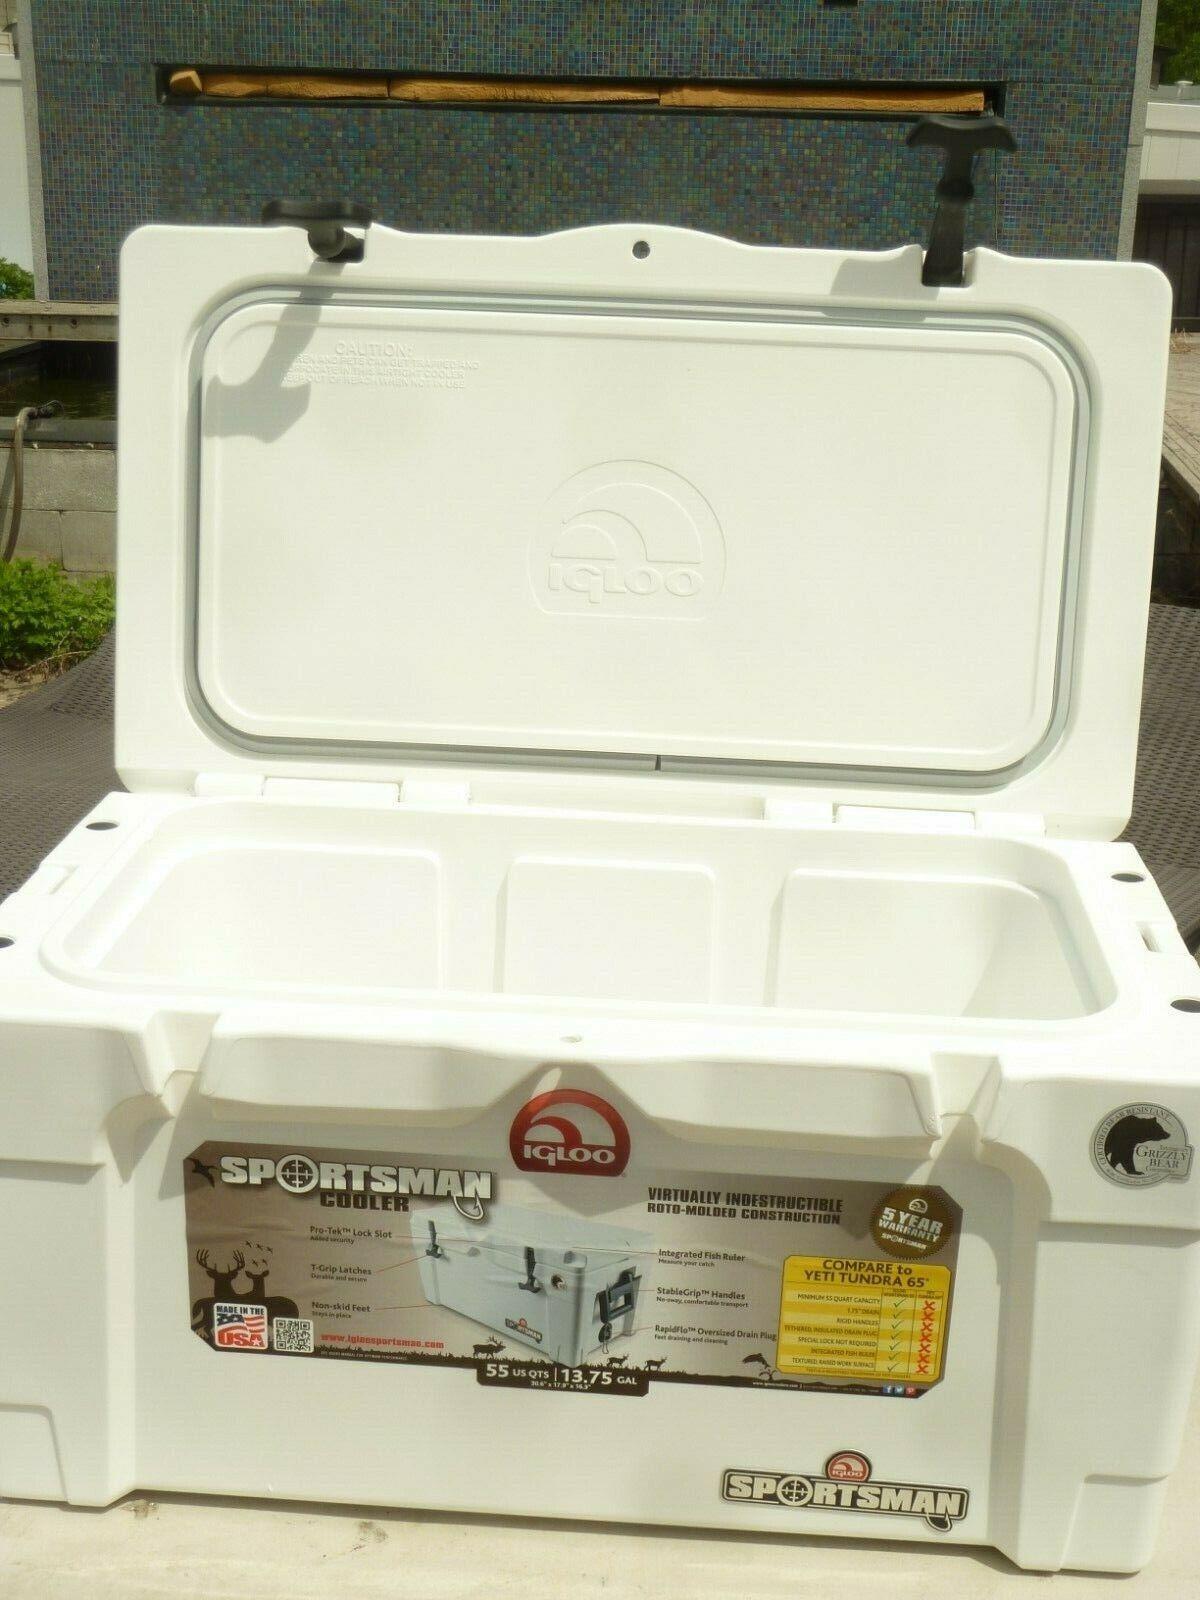 Igloo 55 qt Sportsman Cooler - White